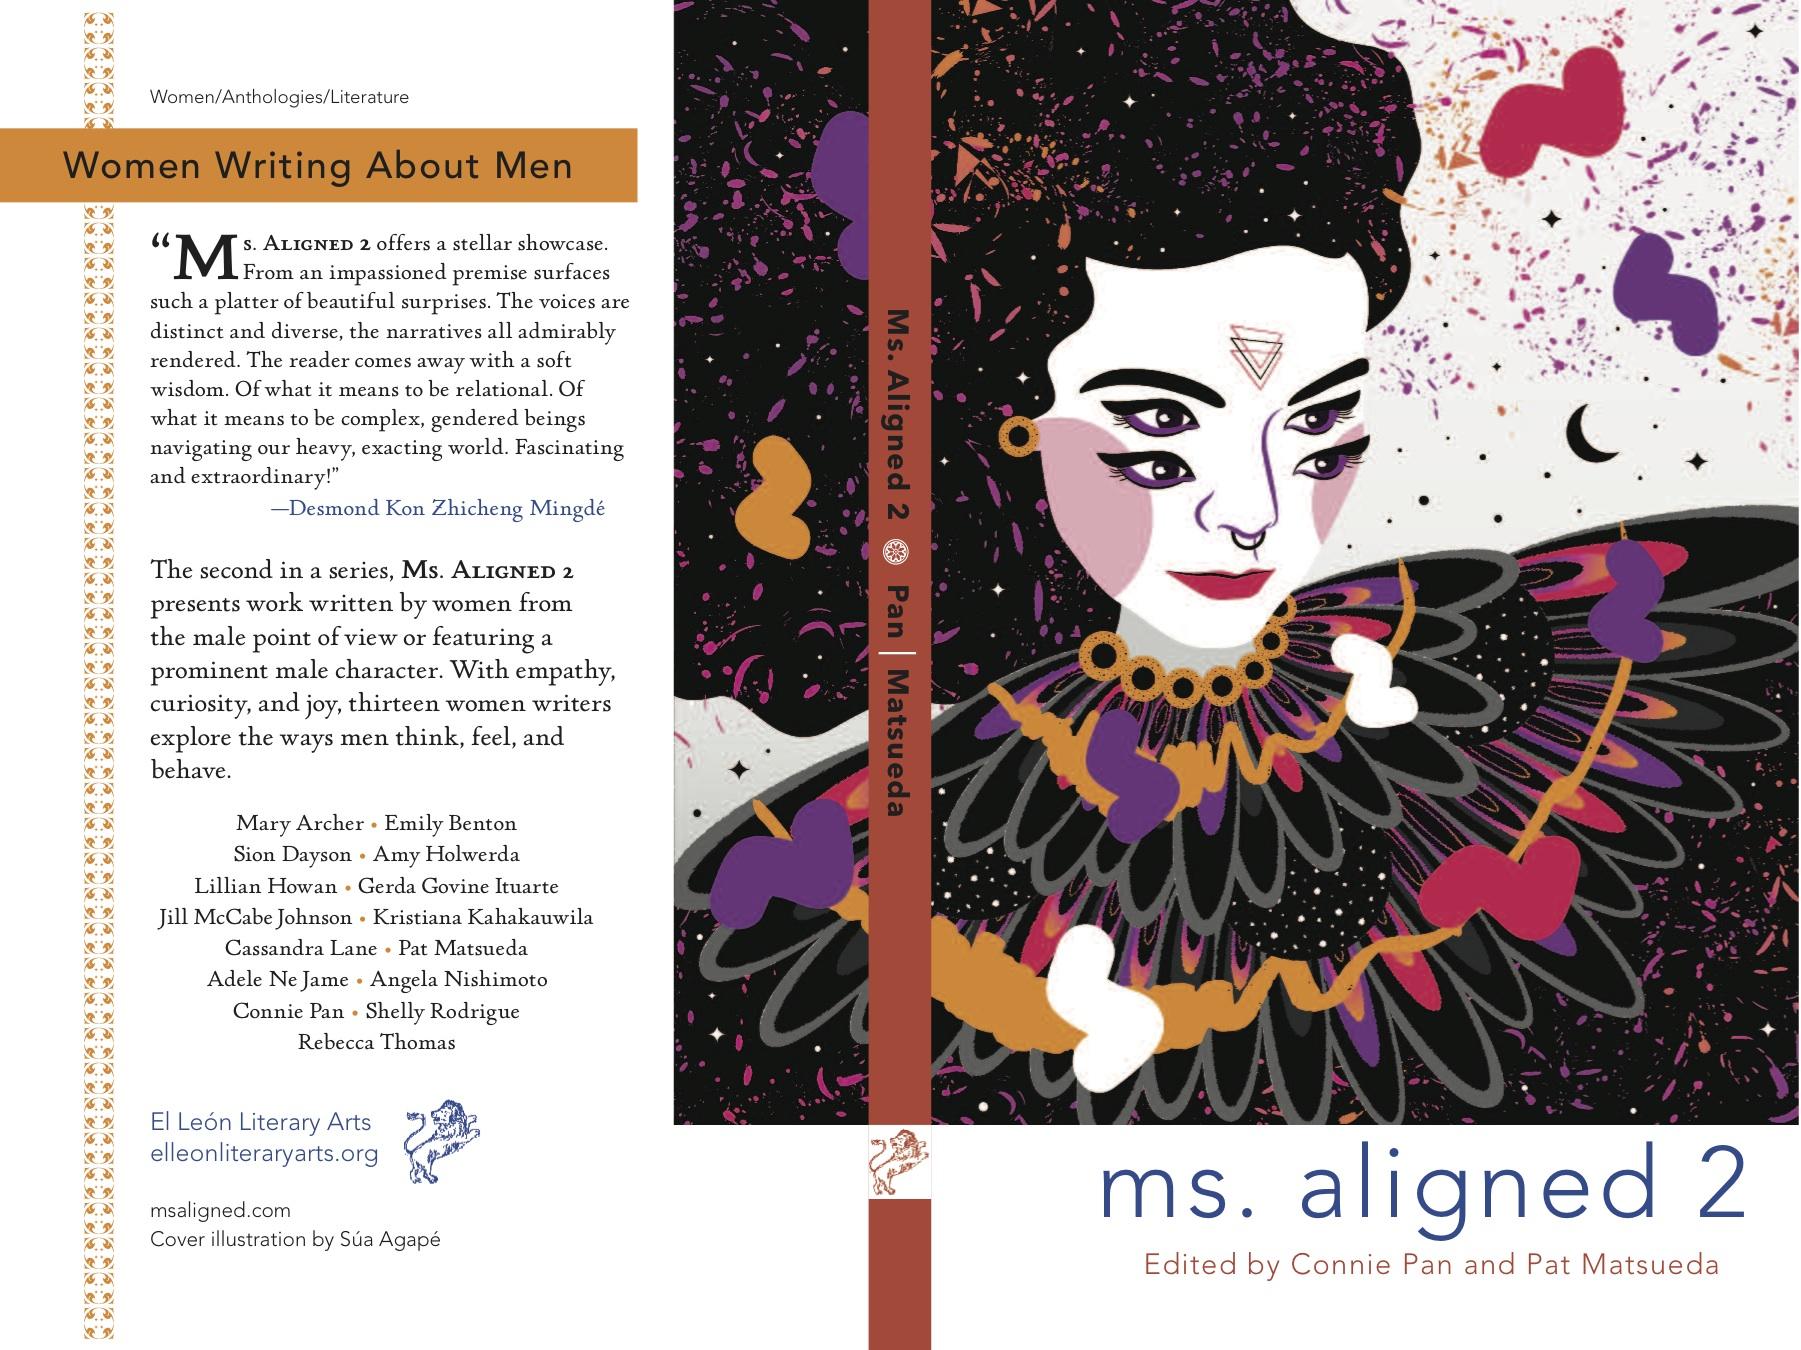 cover sept 30.jpg